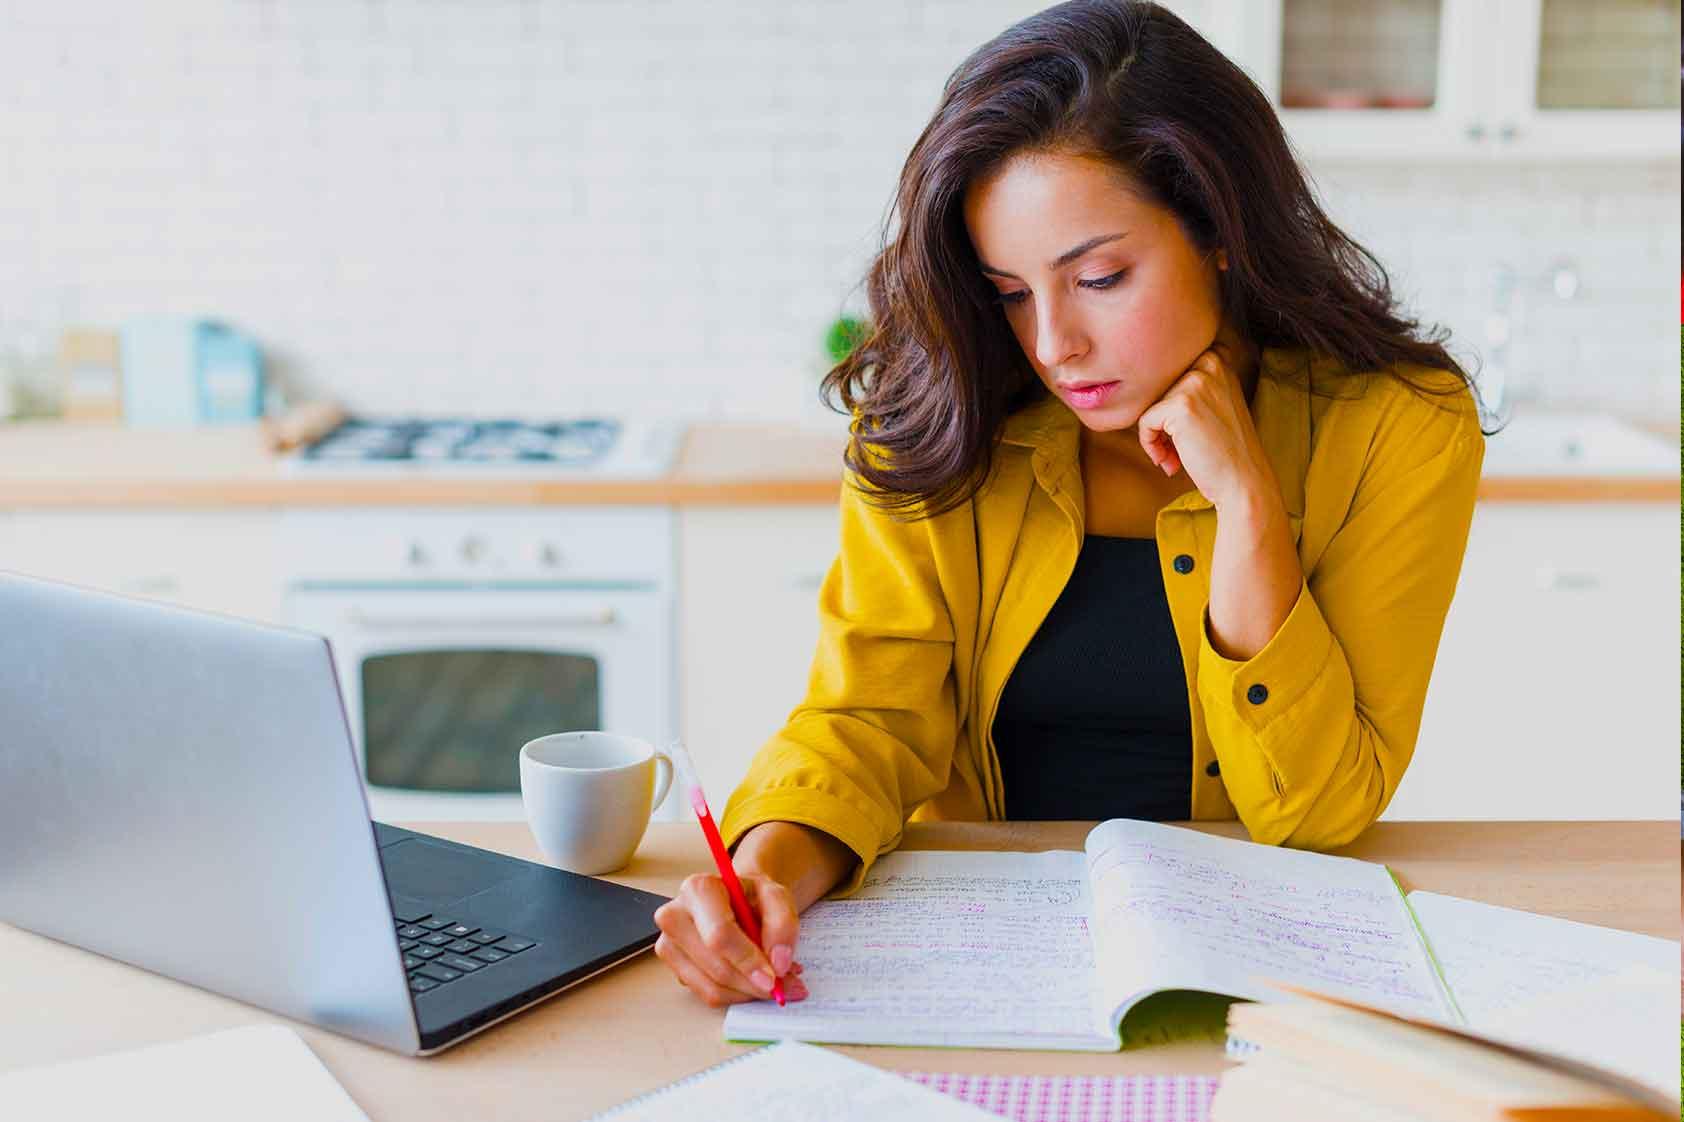 ¡Estos consejos sobre aprendizaje en línea podrían ayudarte!